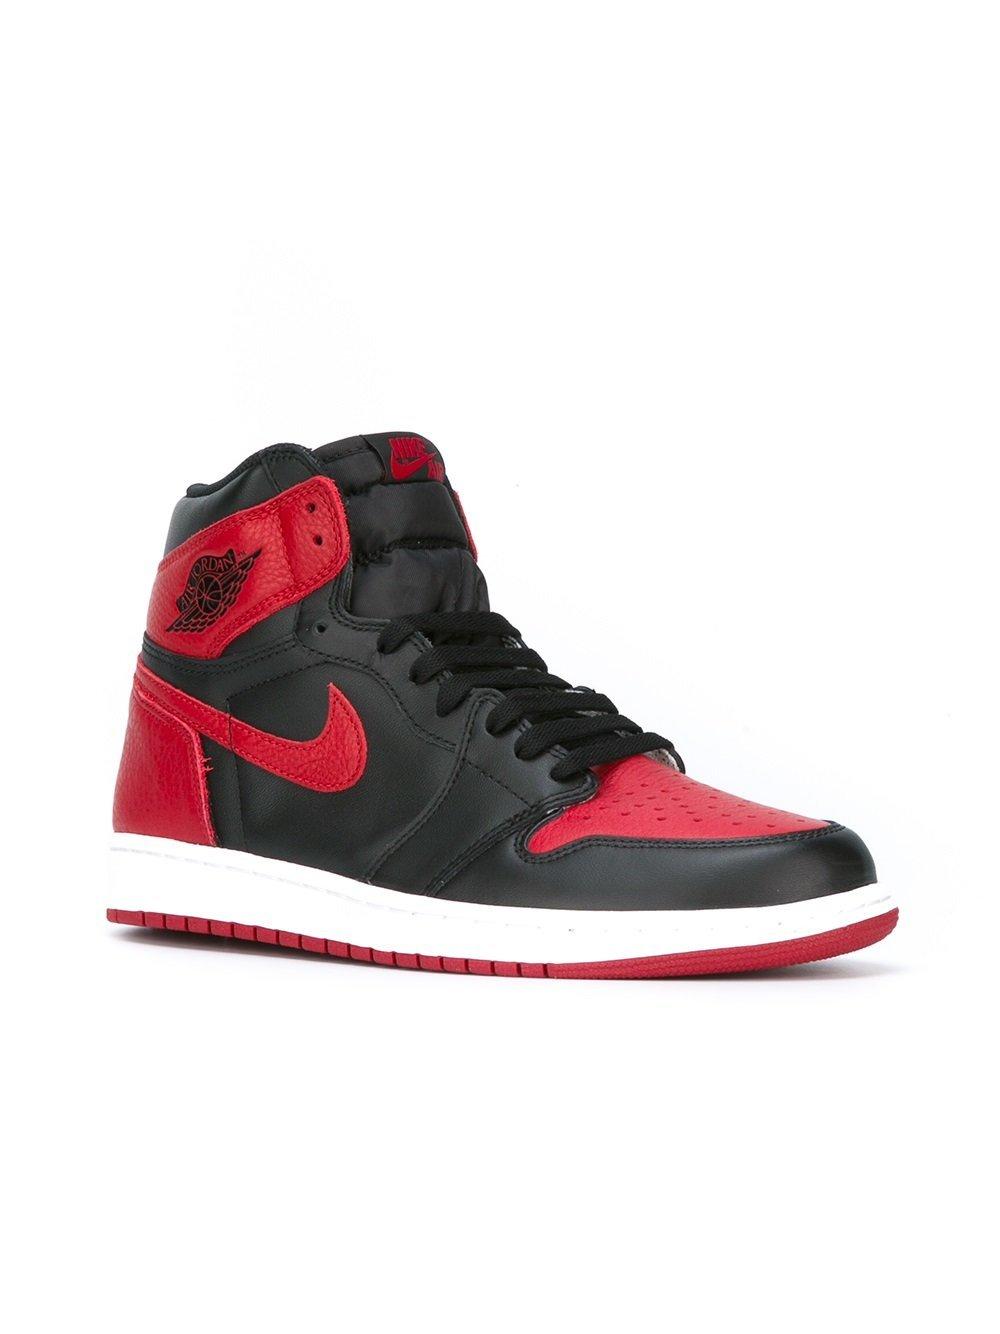 sneakers alte rosse e nere di nike 2 173 farfetch com lookastic sneakers alte rosse e nere di nike